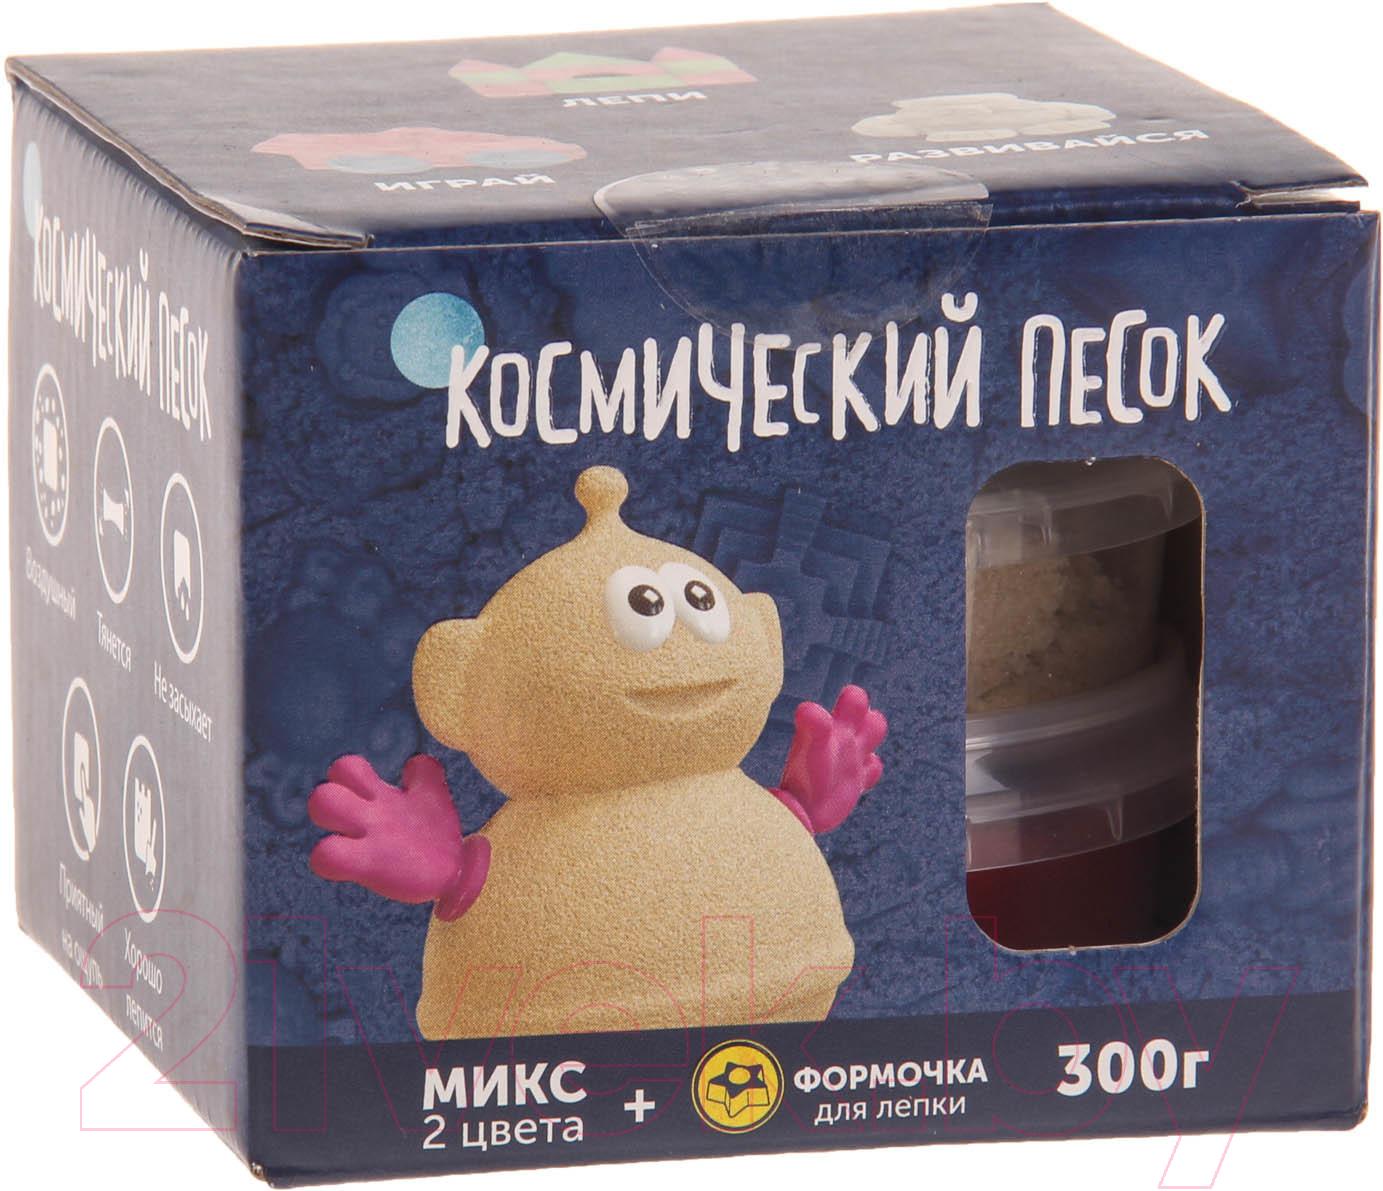 Купить Набор для лепки Космический песок, Микс красный KP015SR (0.3кг), Россия, пластик